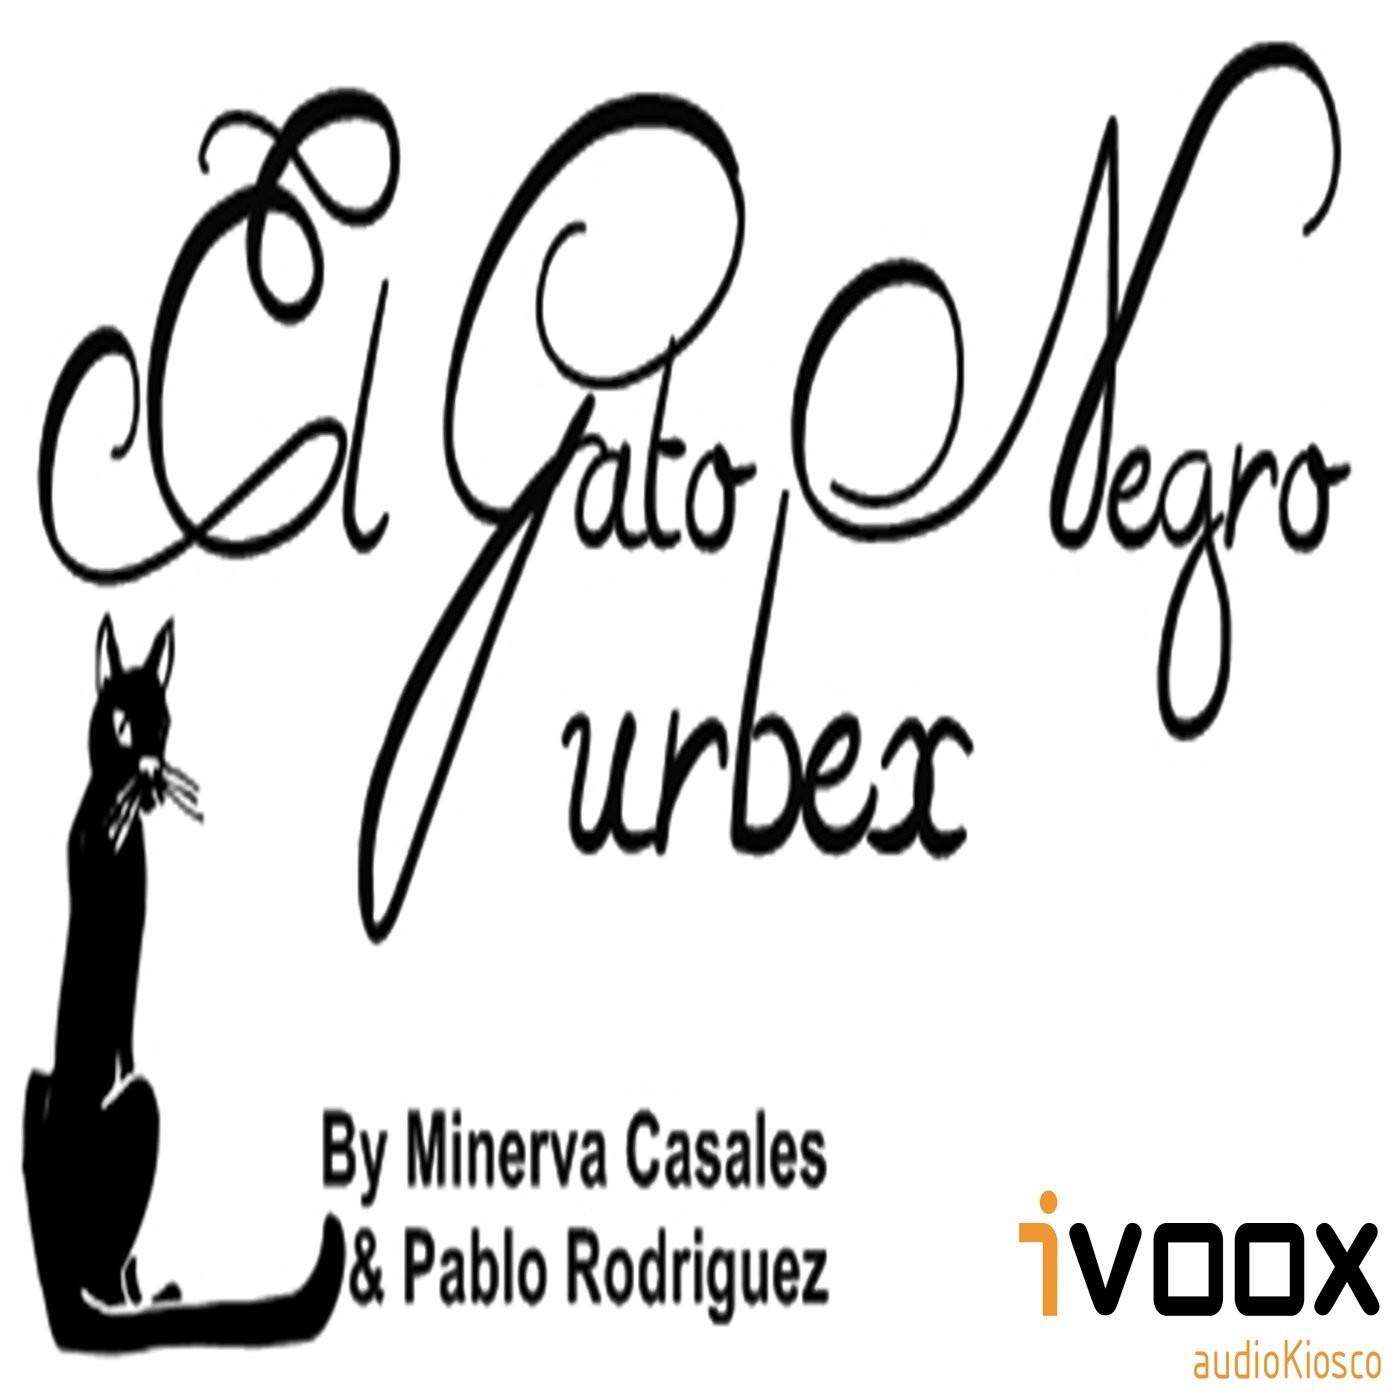 Podcast El Gato Negro (Minerva Pablo) | Listen Free on Castbox.